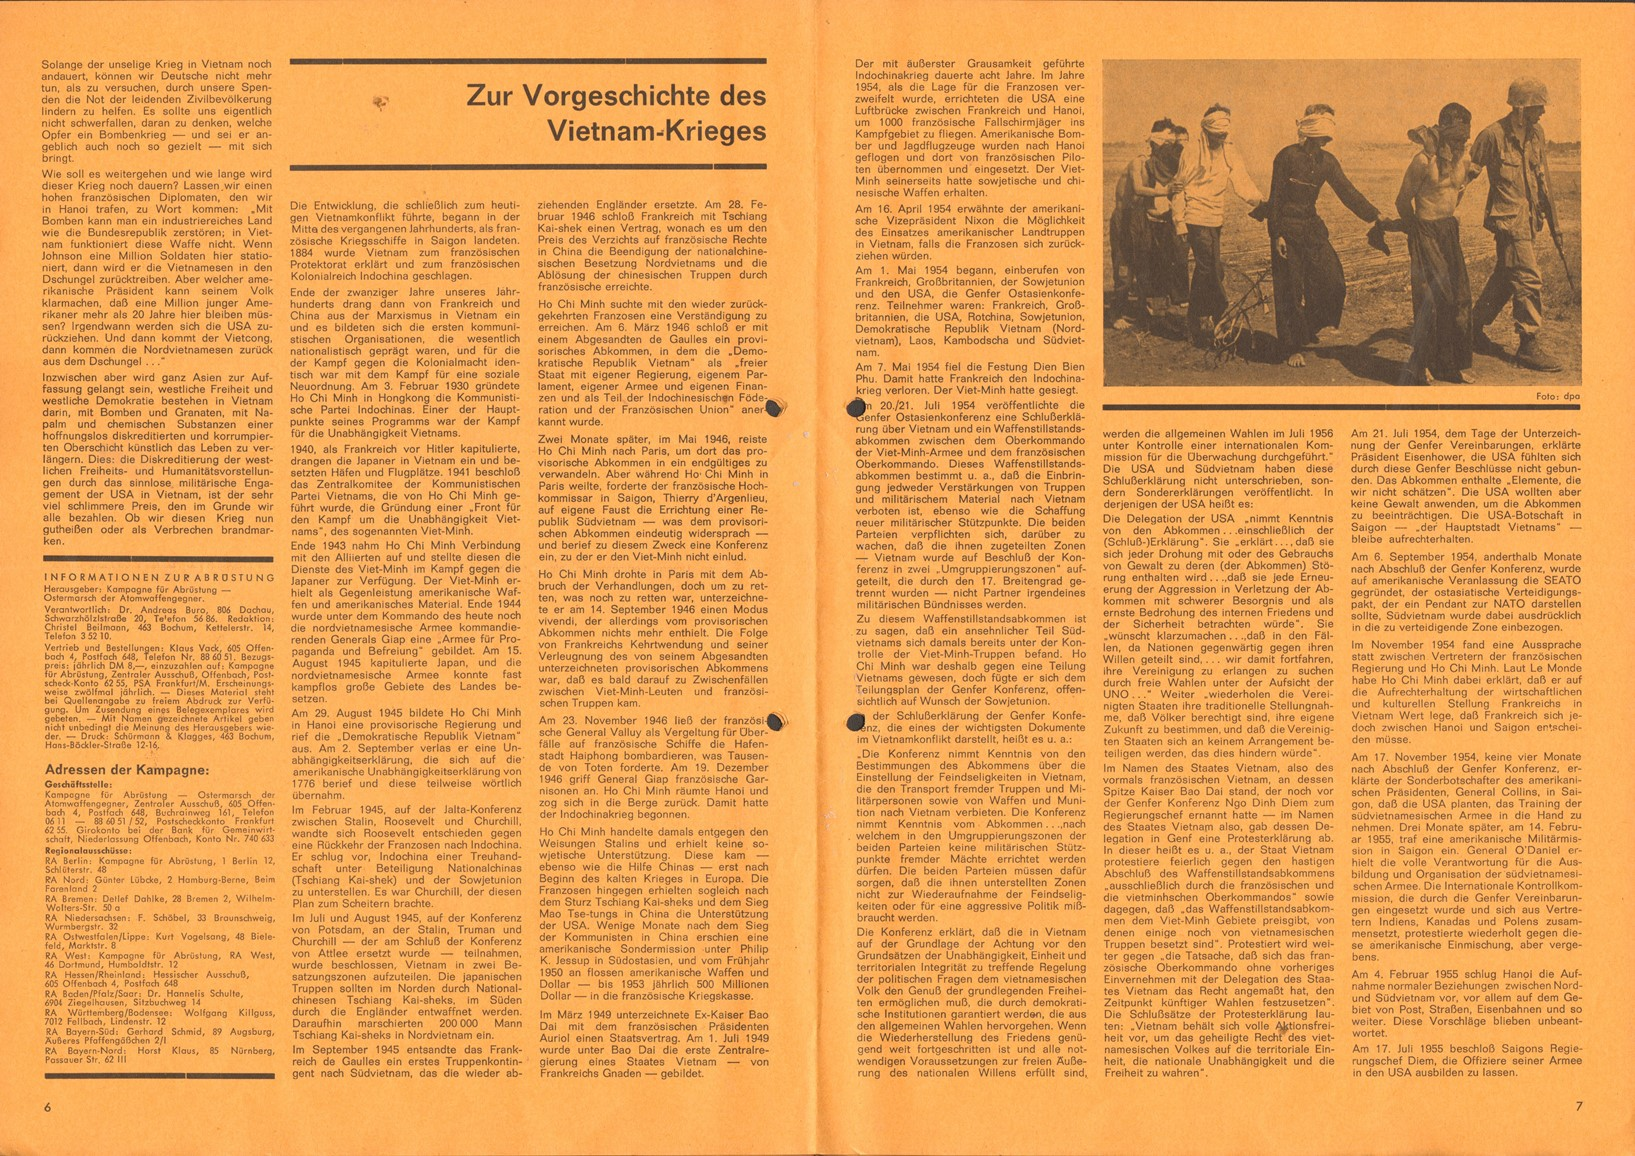 Informationen_zur_Abruestung_1967_043_004